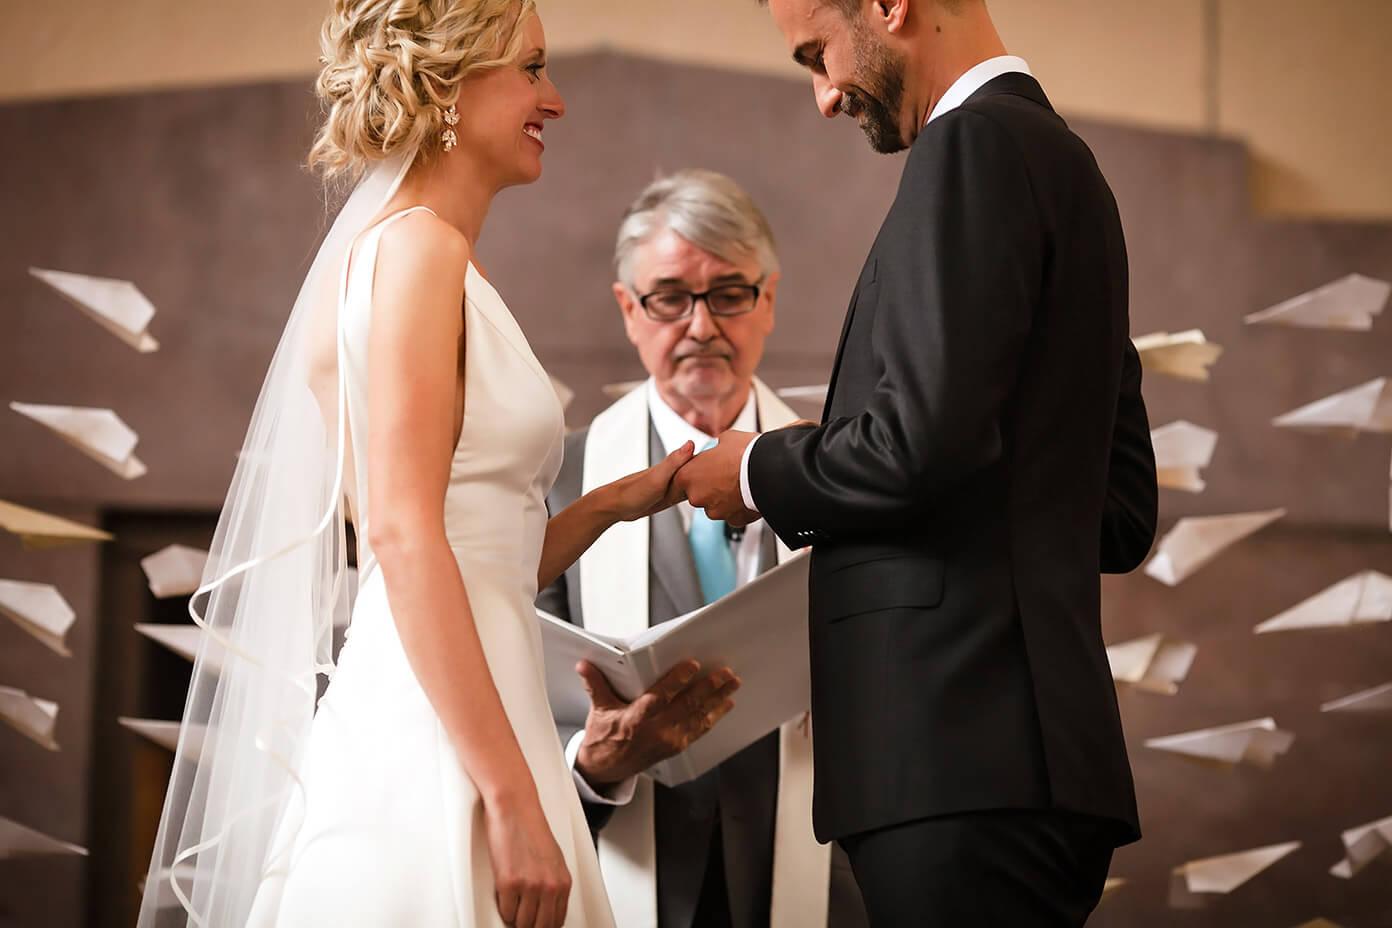 Ti Wedding Ring 77 Great Then exchanged rings u